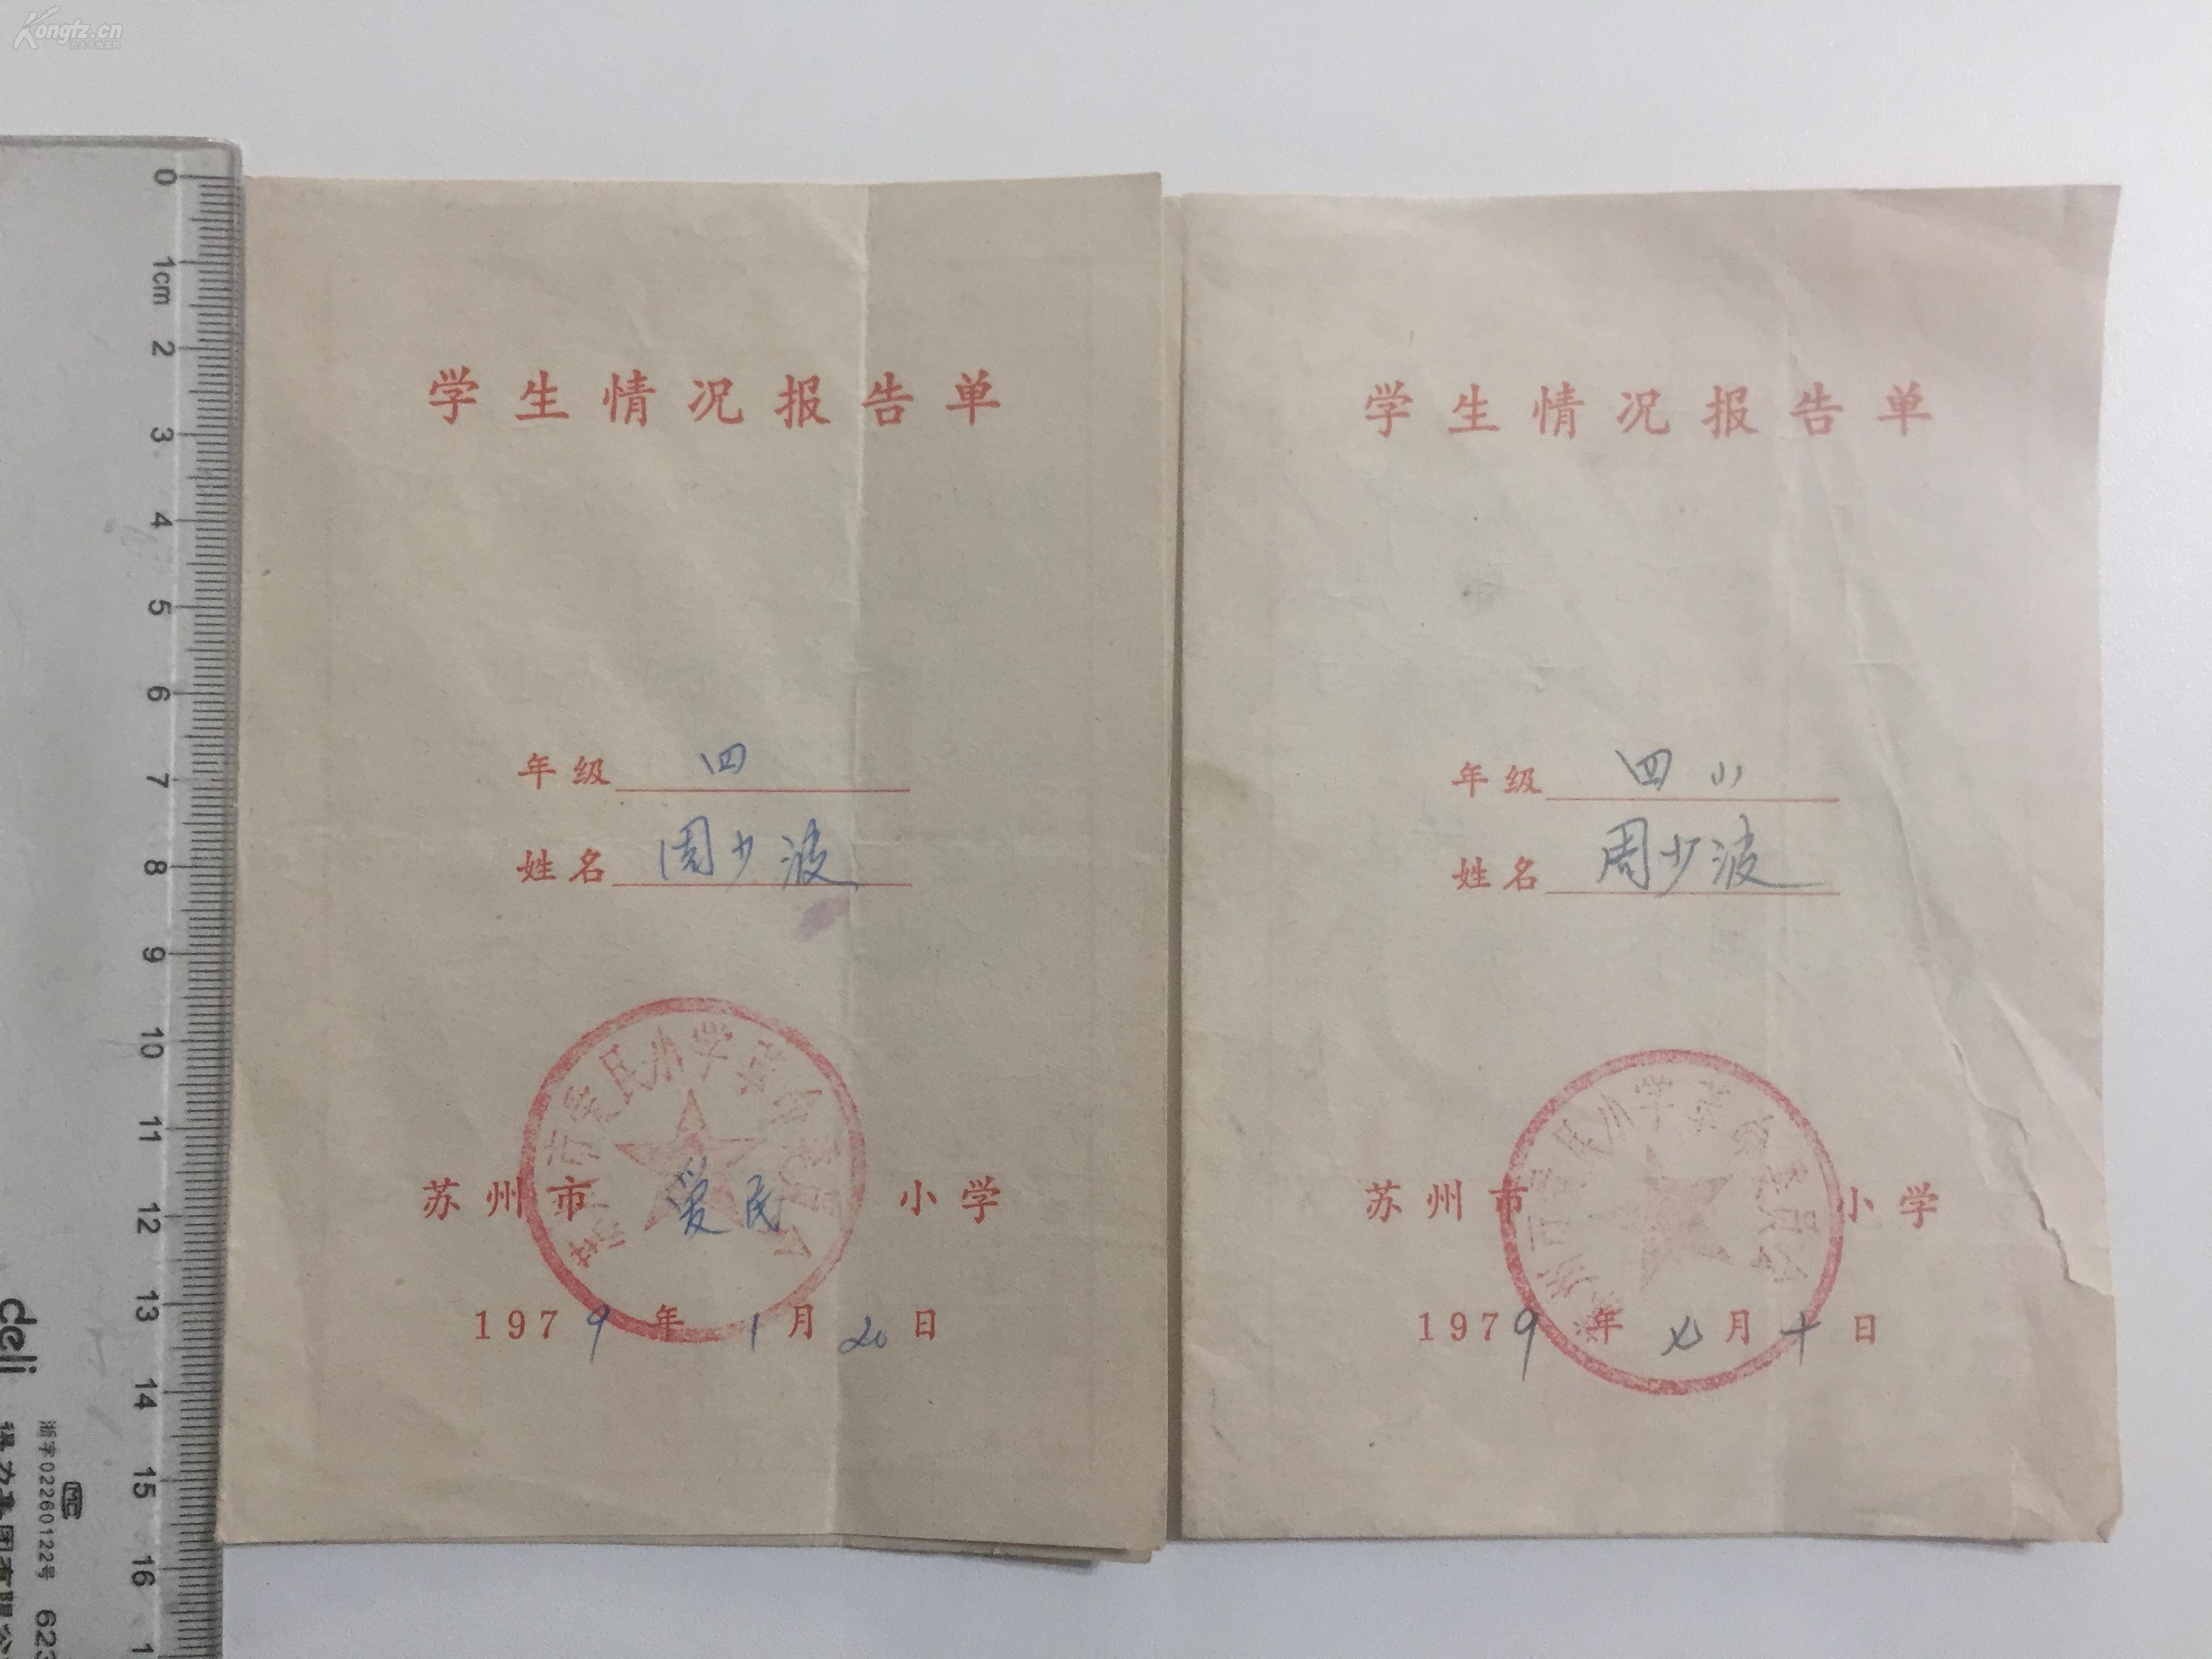 1979年苏州市爱民小学四(1)班《学生情况汇报深圳民办小学龙岗图片